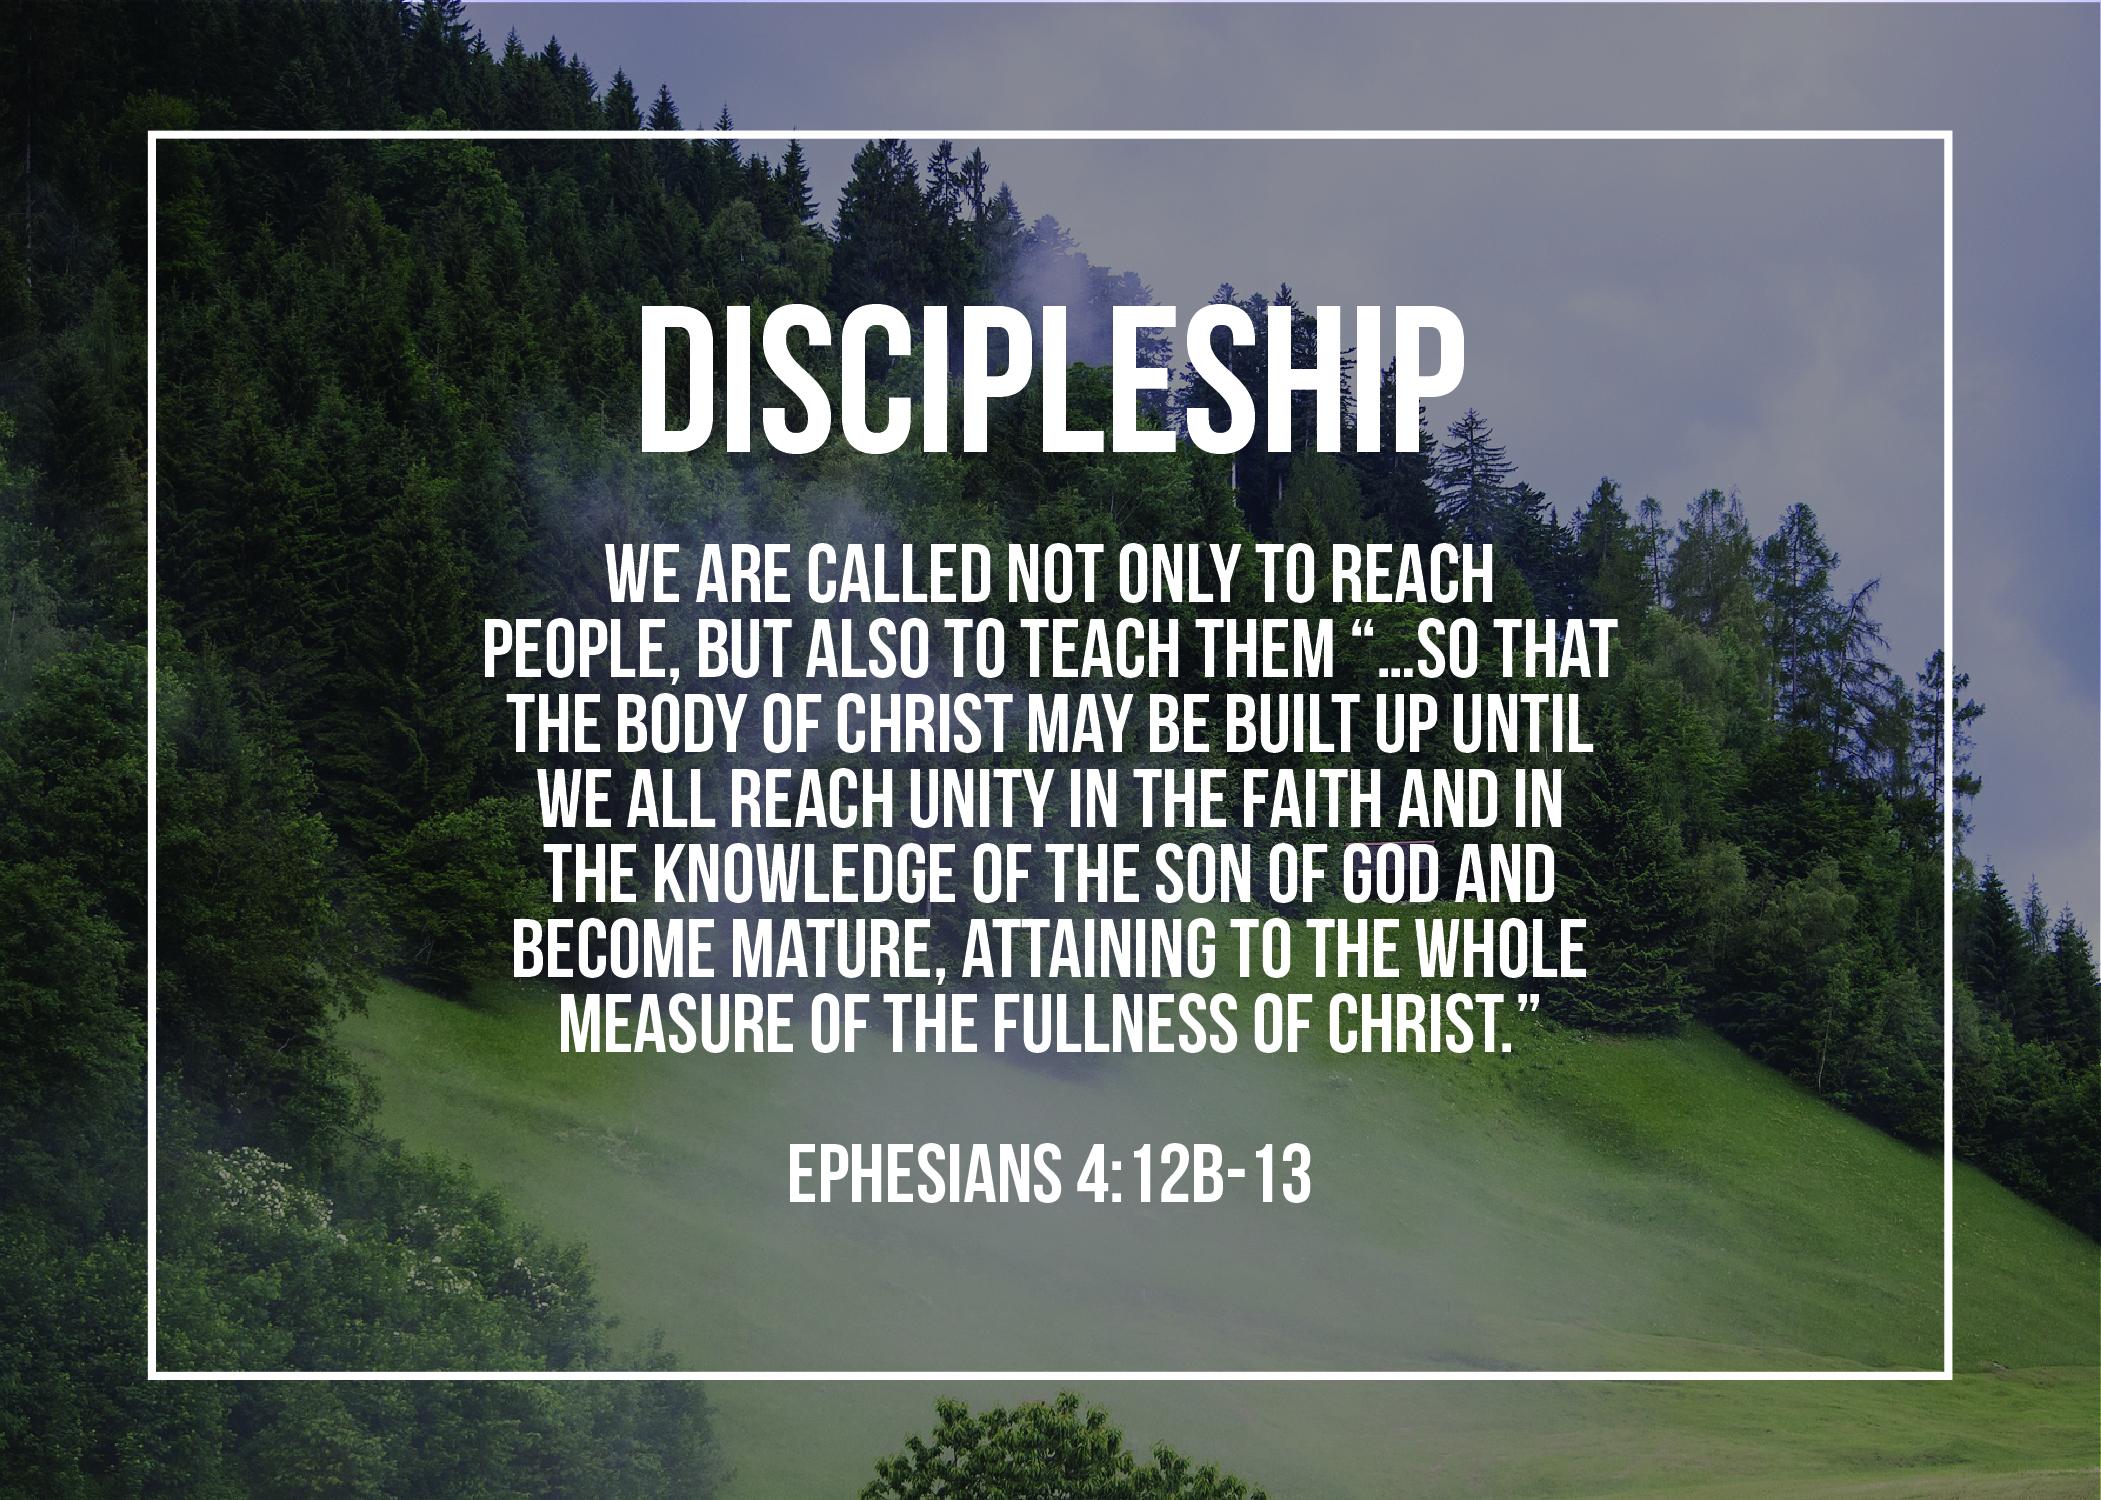 Discipleship-54.jpg